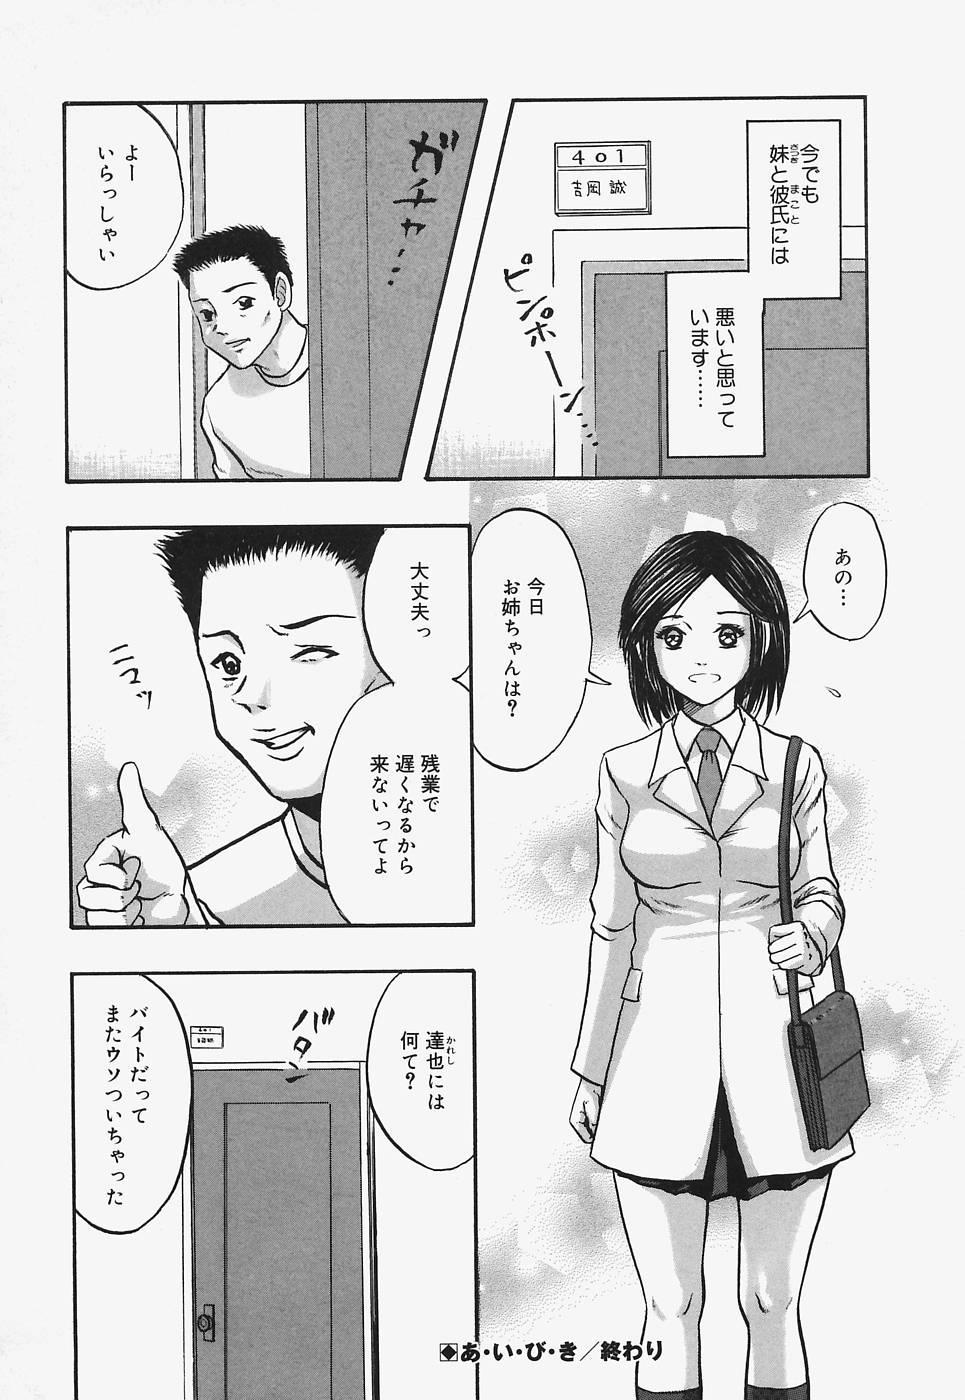 Nurunuru Syoujyo Jiru 25